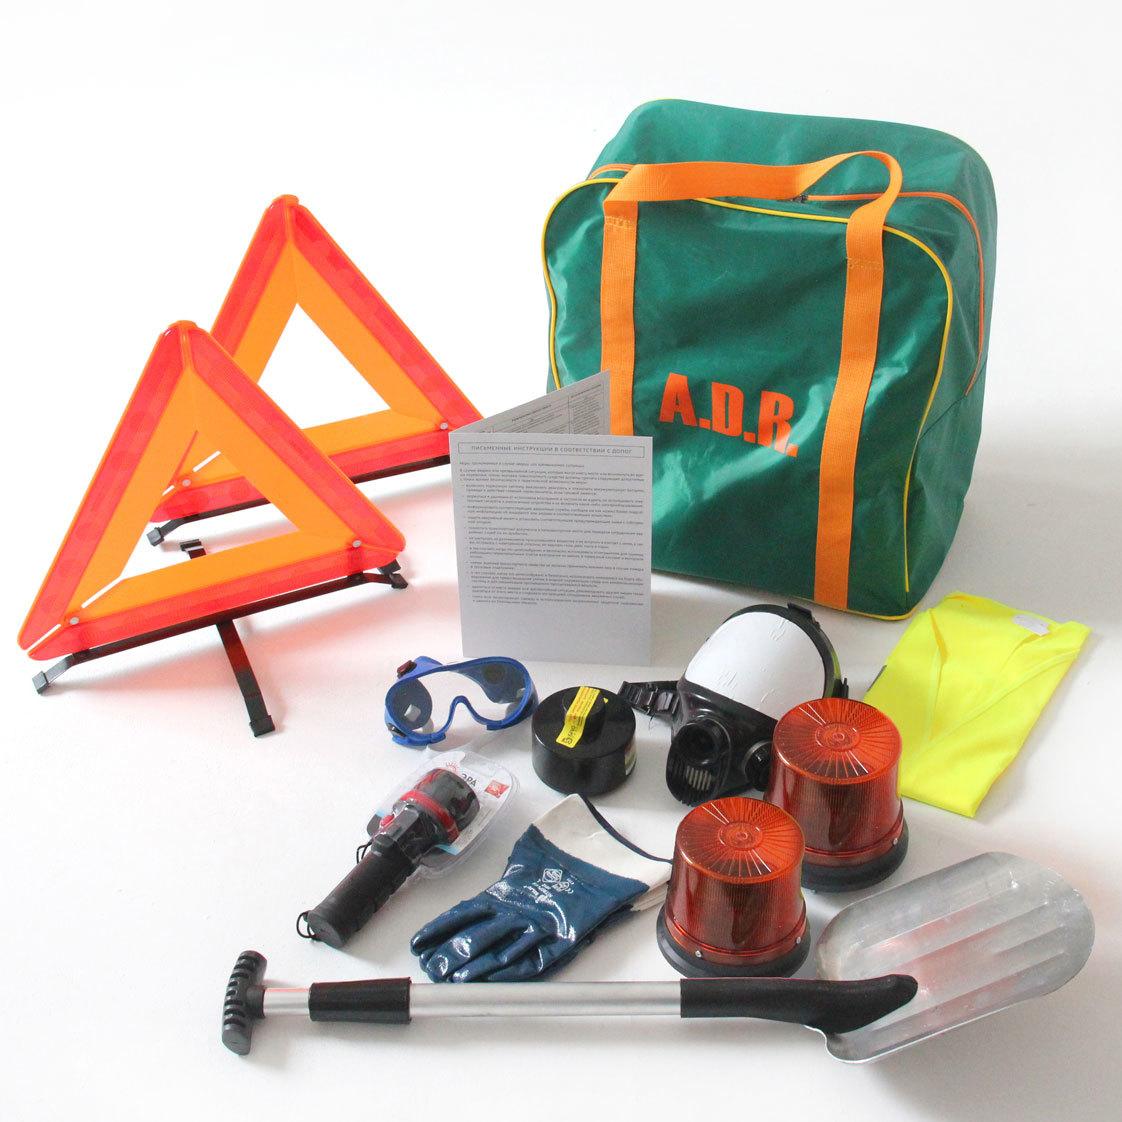 ADR комплект для опасных грузов, которым присвоен знак опасности № 2.3 (по ДОПОГ и ТР ТС 018/2011)